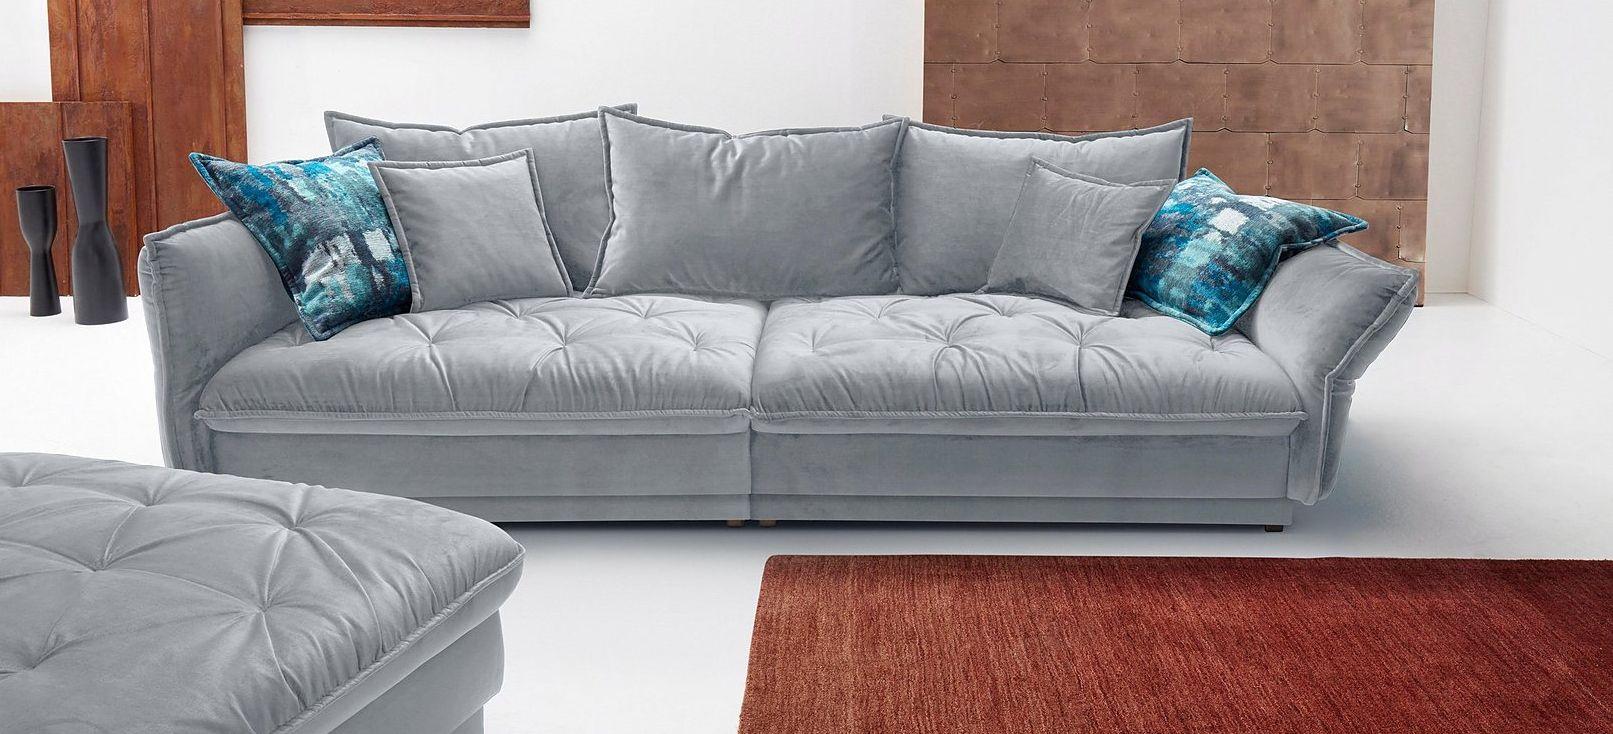 Full Size of Sofa Mit Led Couch Schlaffunktion Bettfunktion Beleuchtung Gebraucht Xxl Und Sound Poco Leder Beziehen Kosten Bett Ausziehbett Fenster Sprossen Liege Stoff Sofa Sofa Mit Led